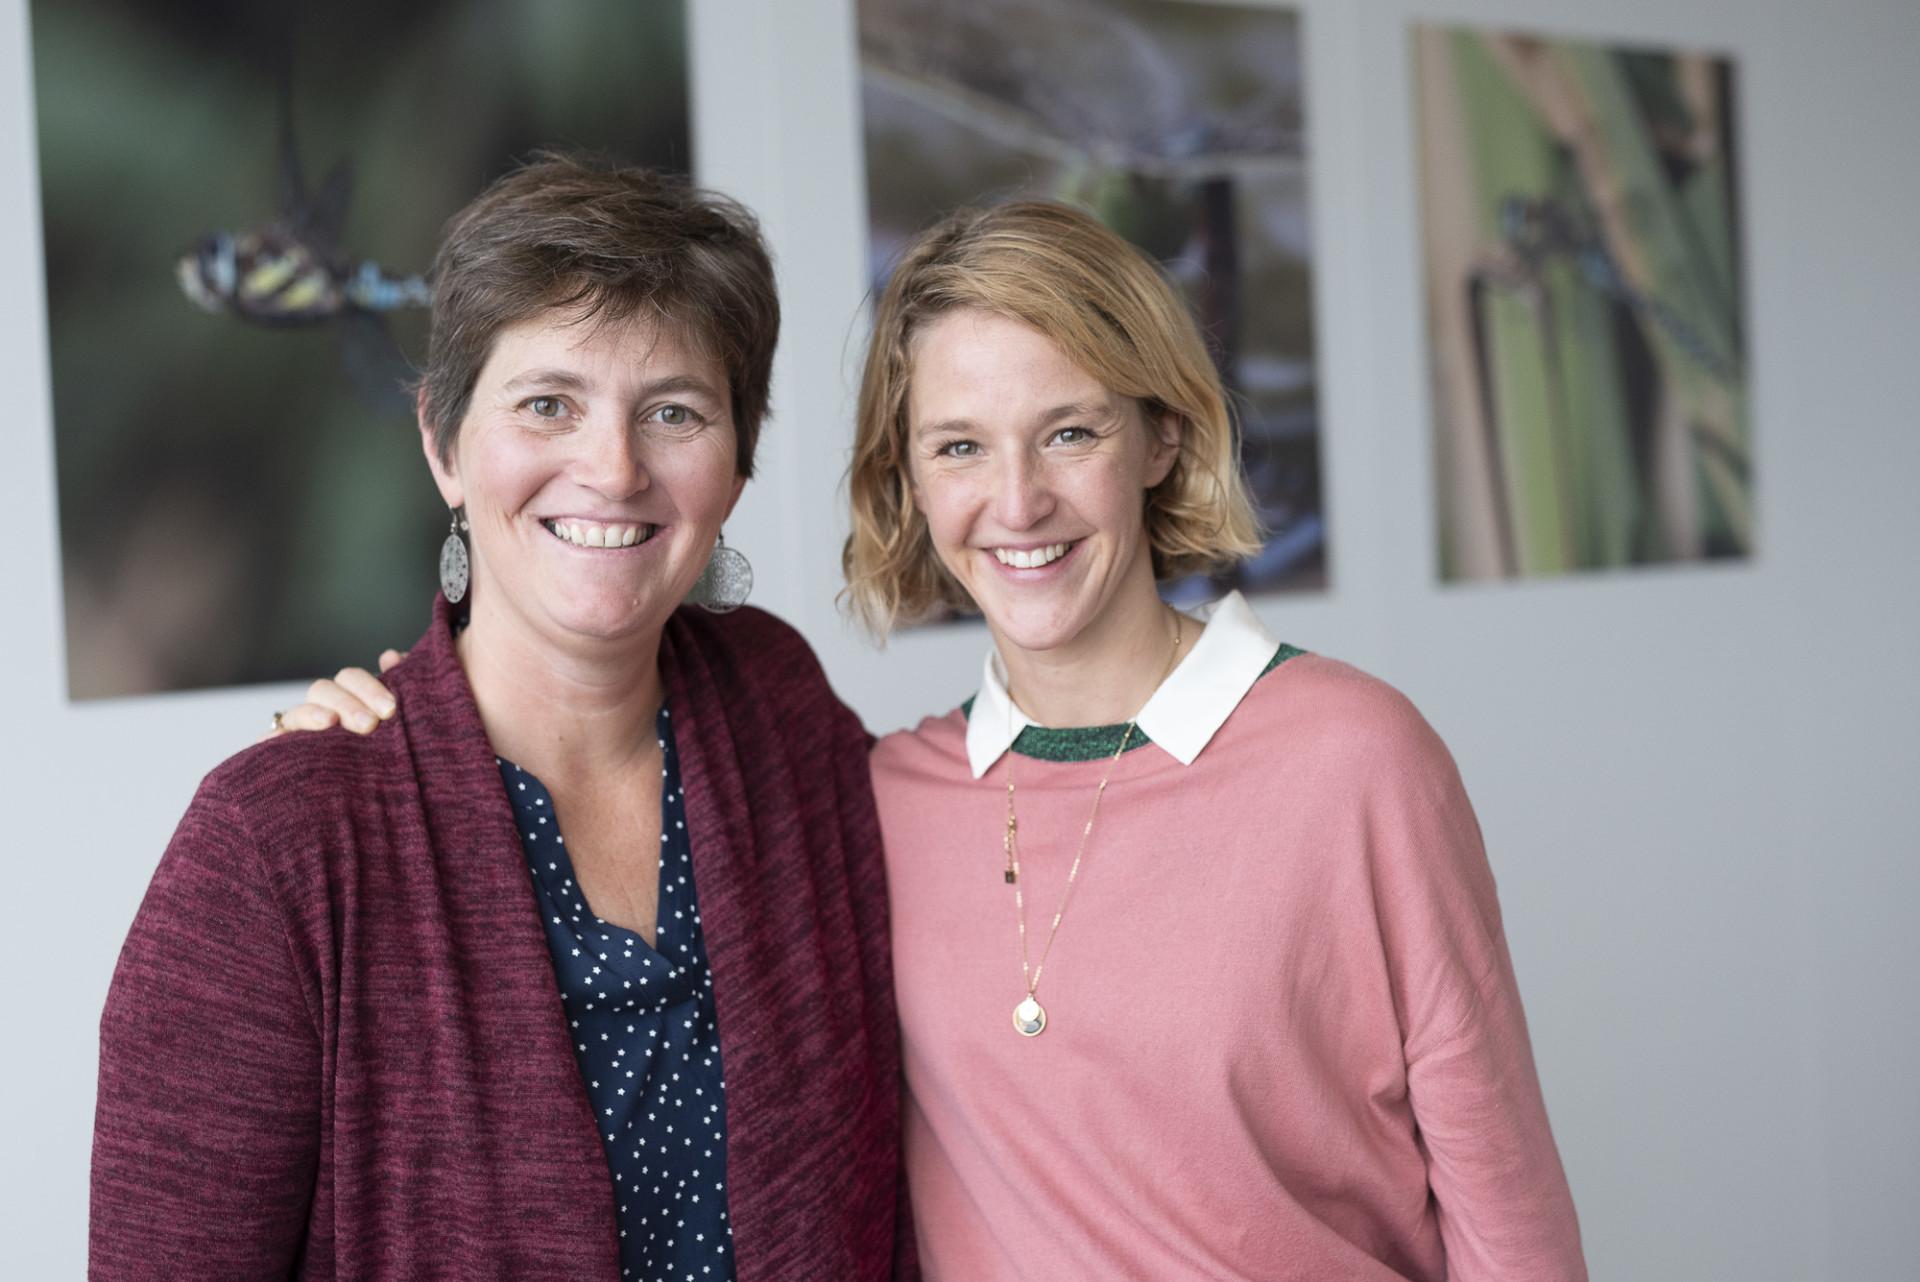 Photo de deux enseignantes, prise lors de la rencontre EcoSchools